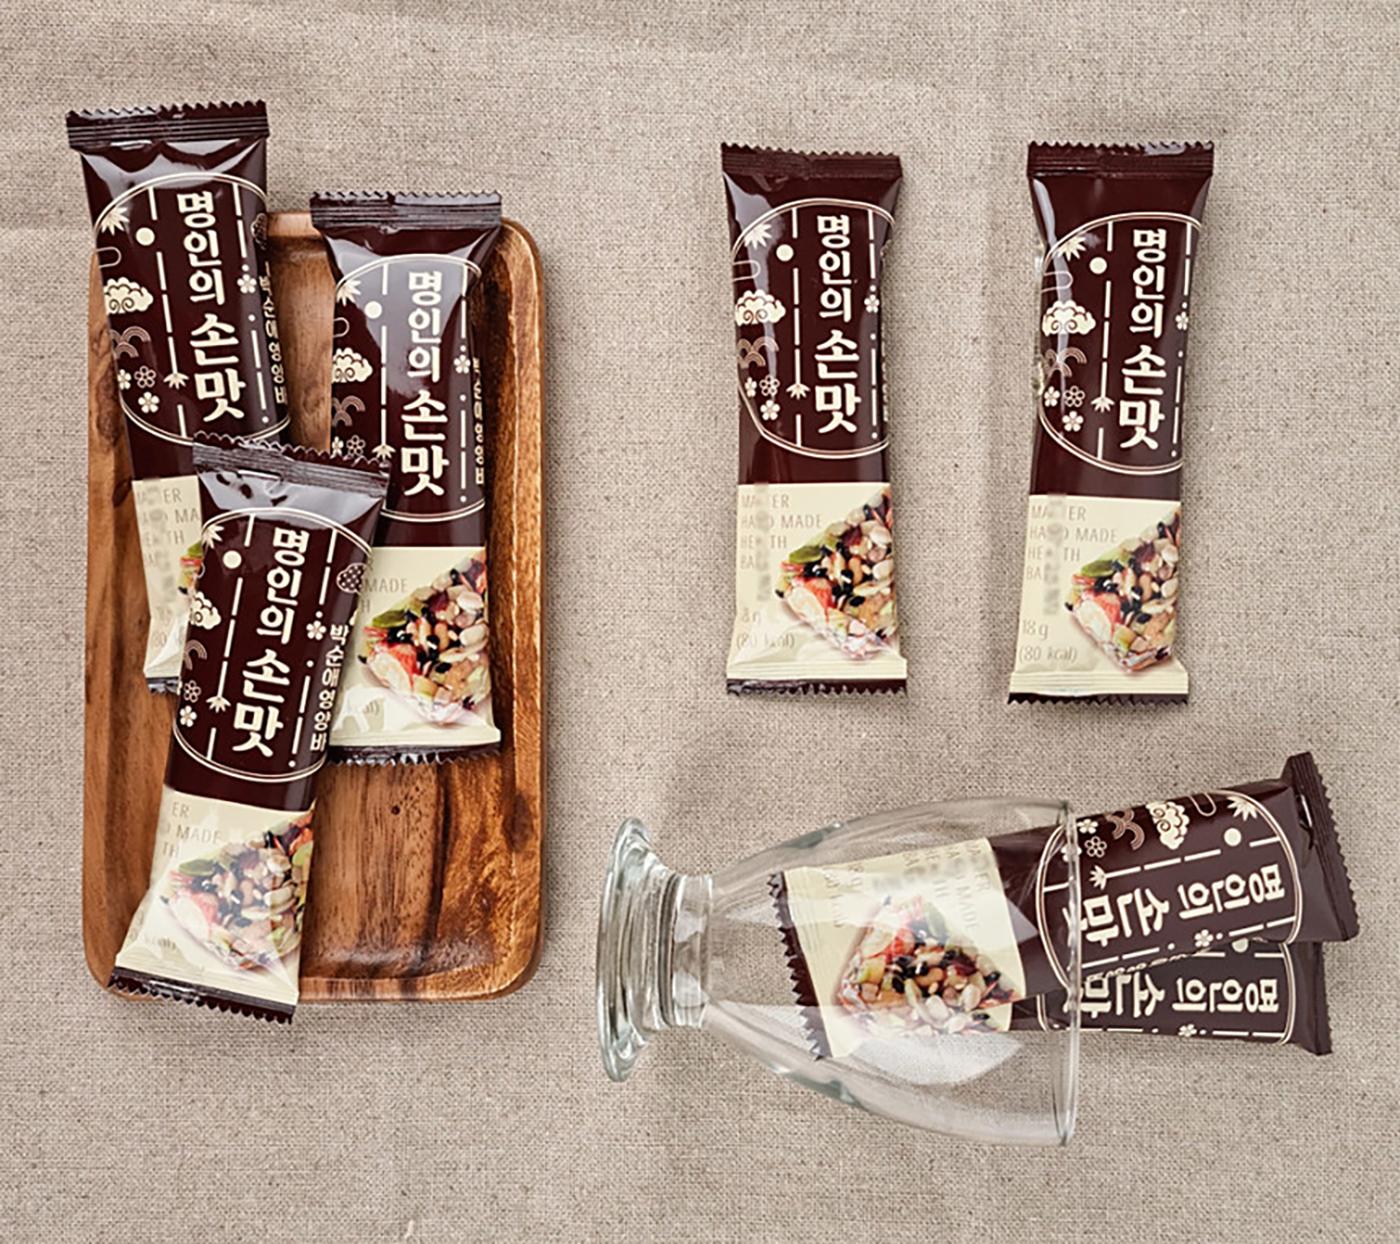 [박순애 명인] 수제 견과 유기농 영양바 세트(30개입) 상세이미지3